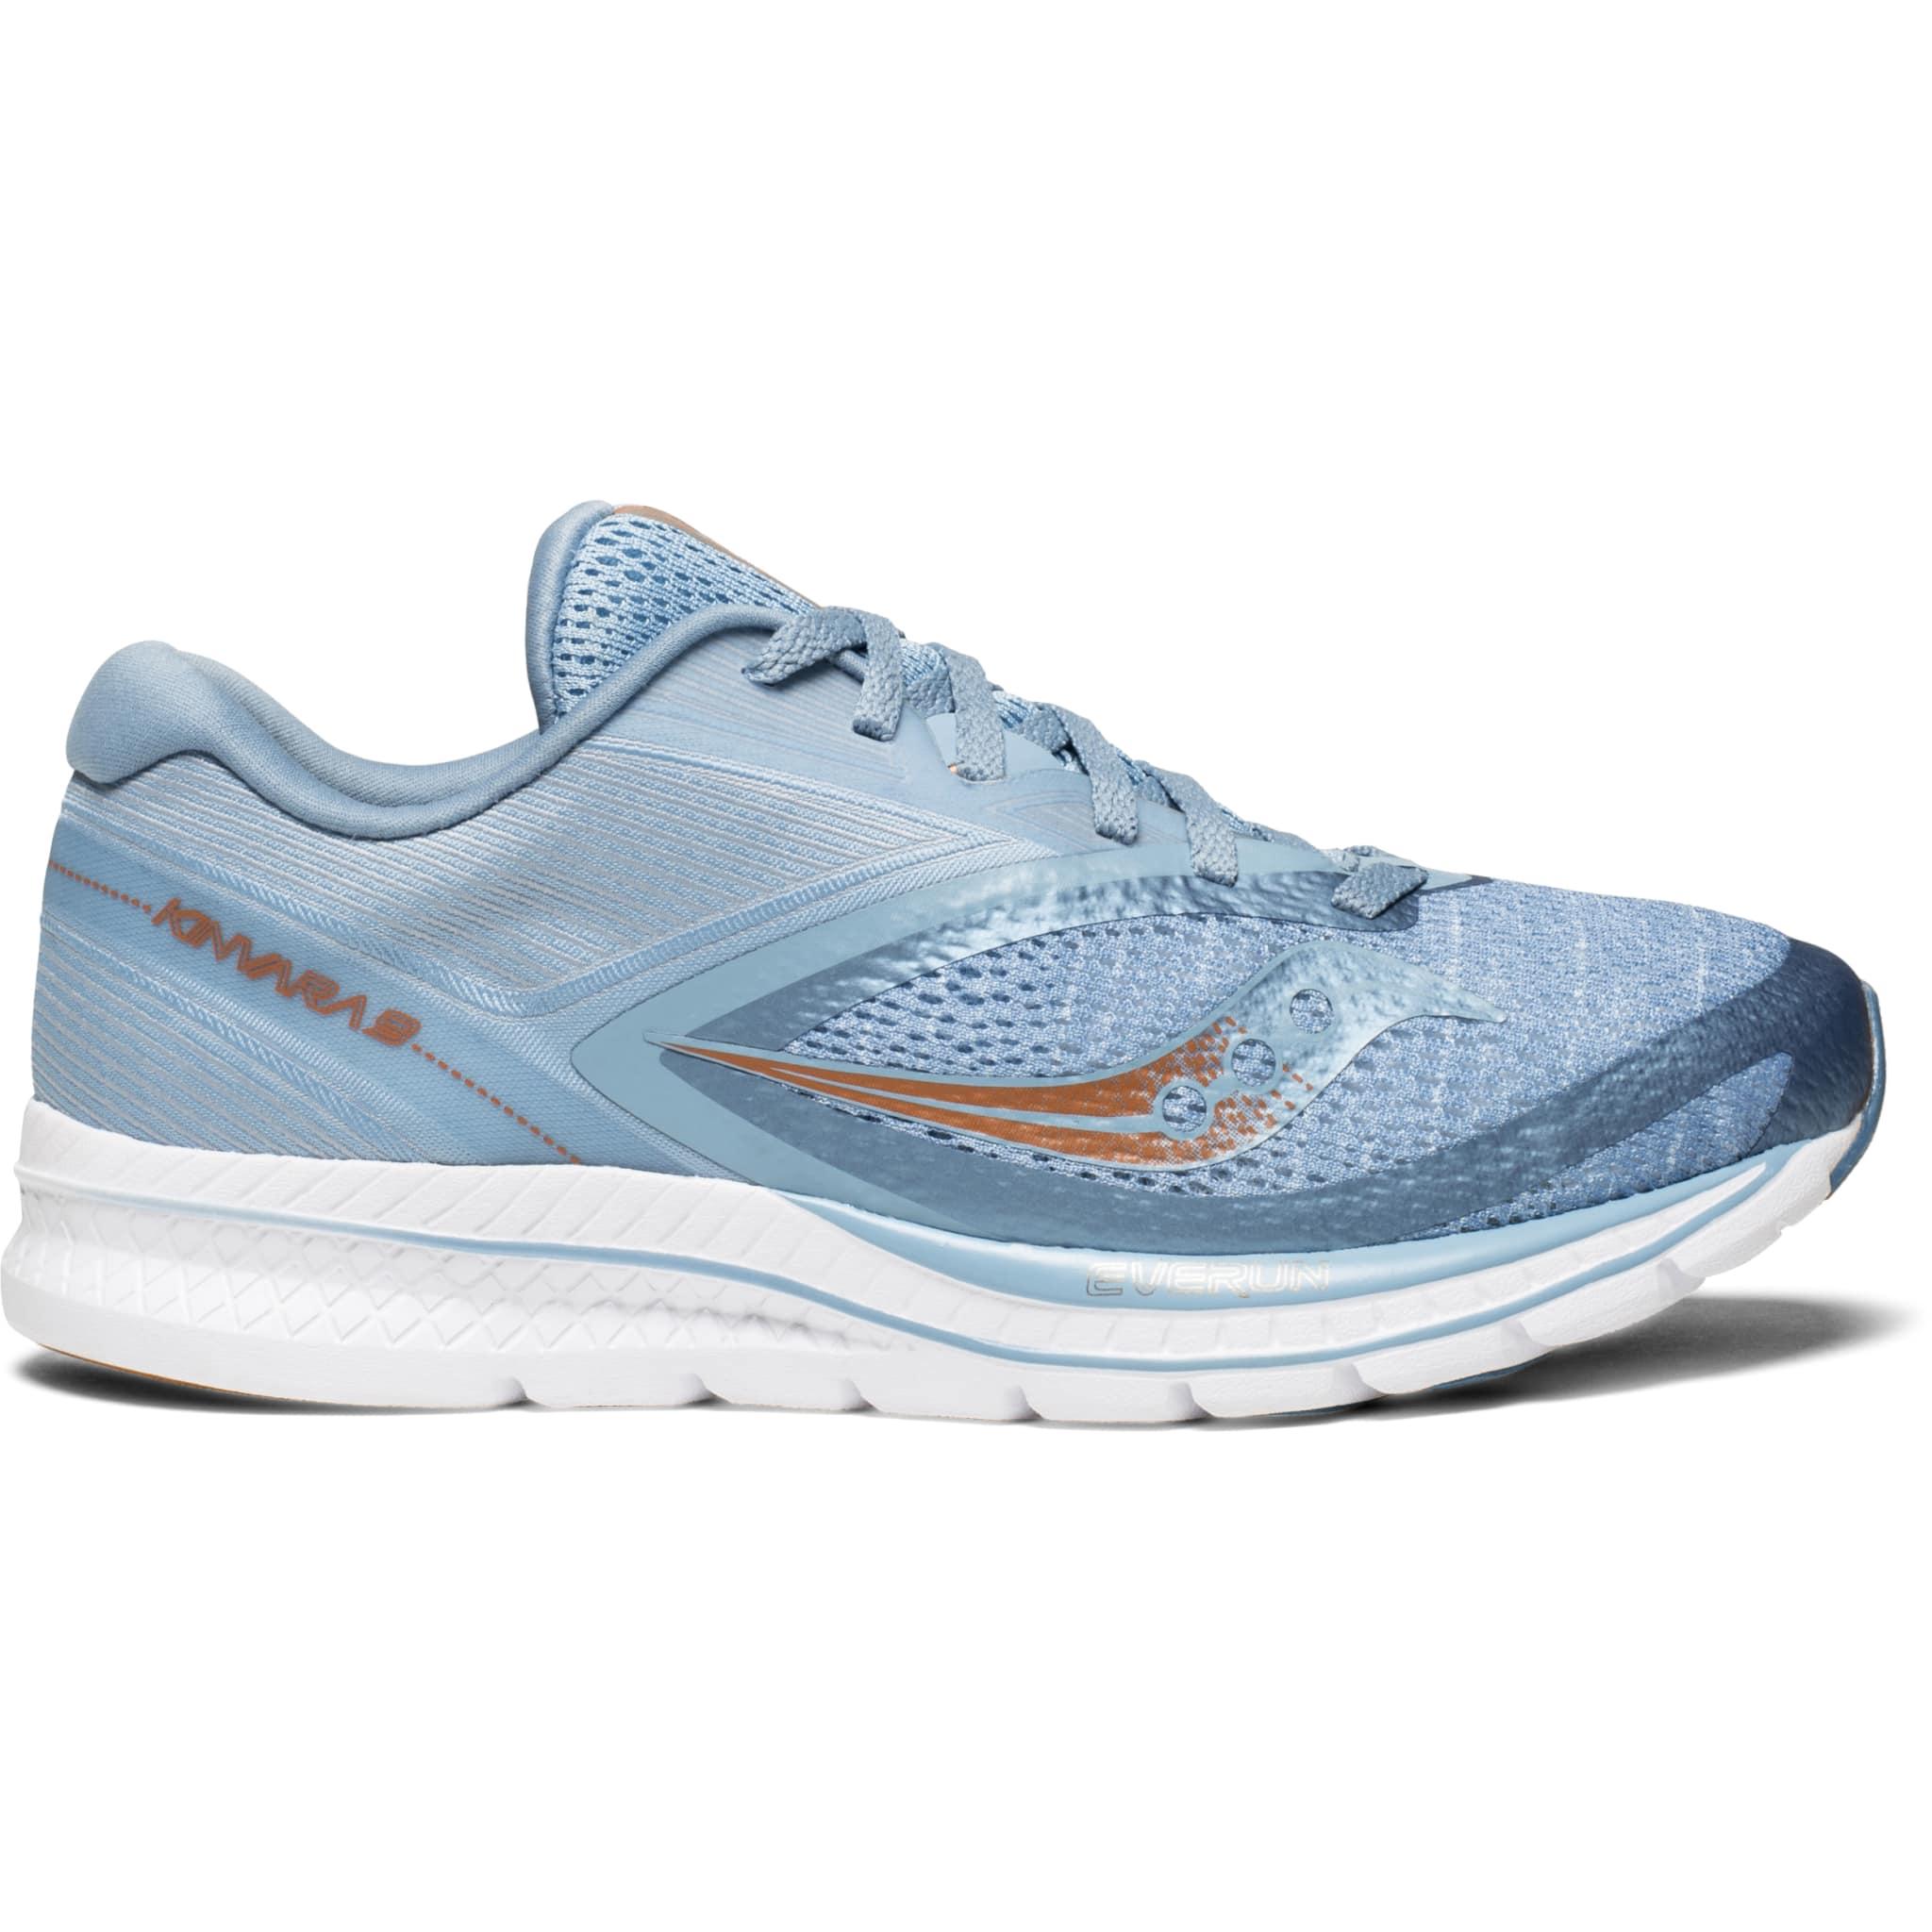 Lettvekts-løpesko for intervaller og raske treningsturer